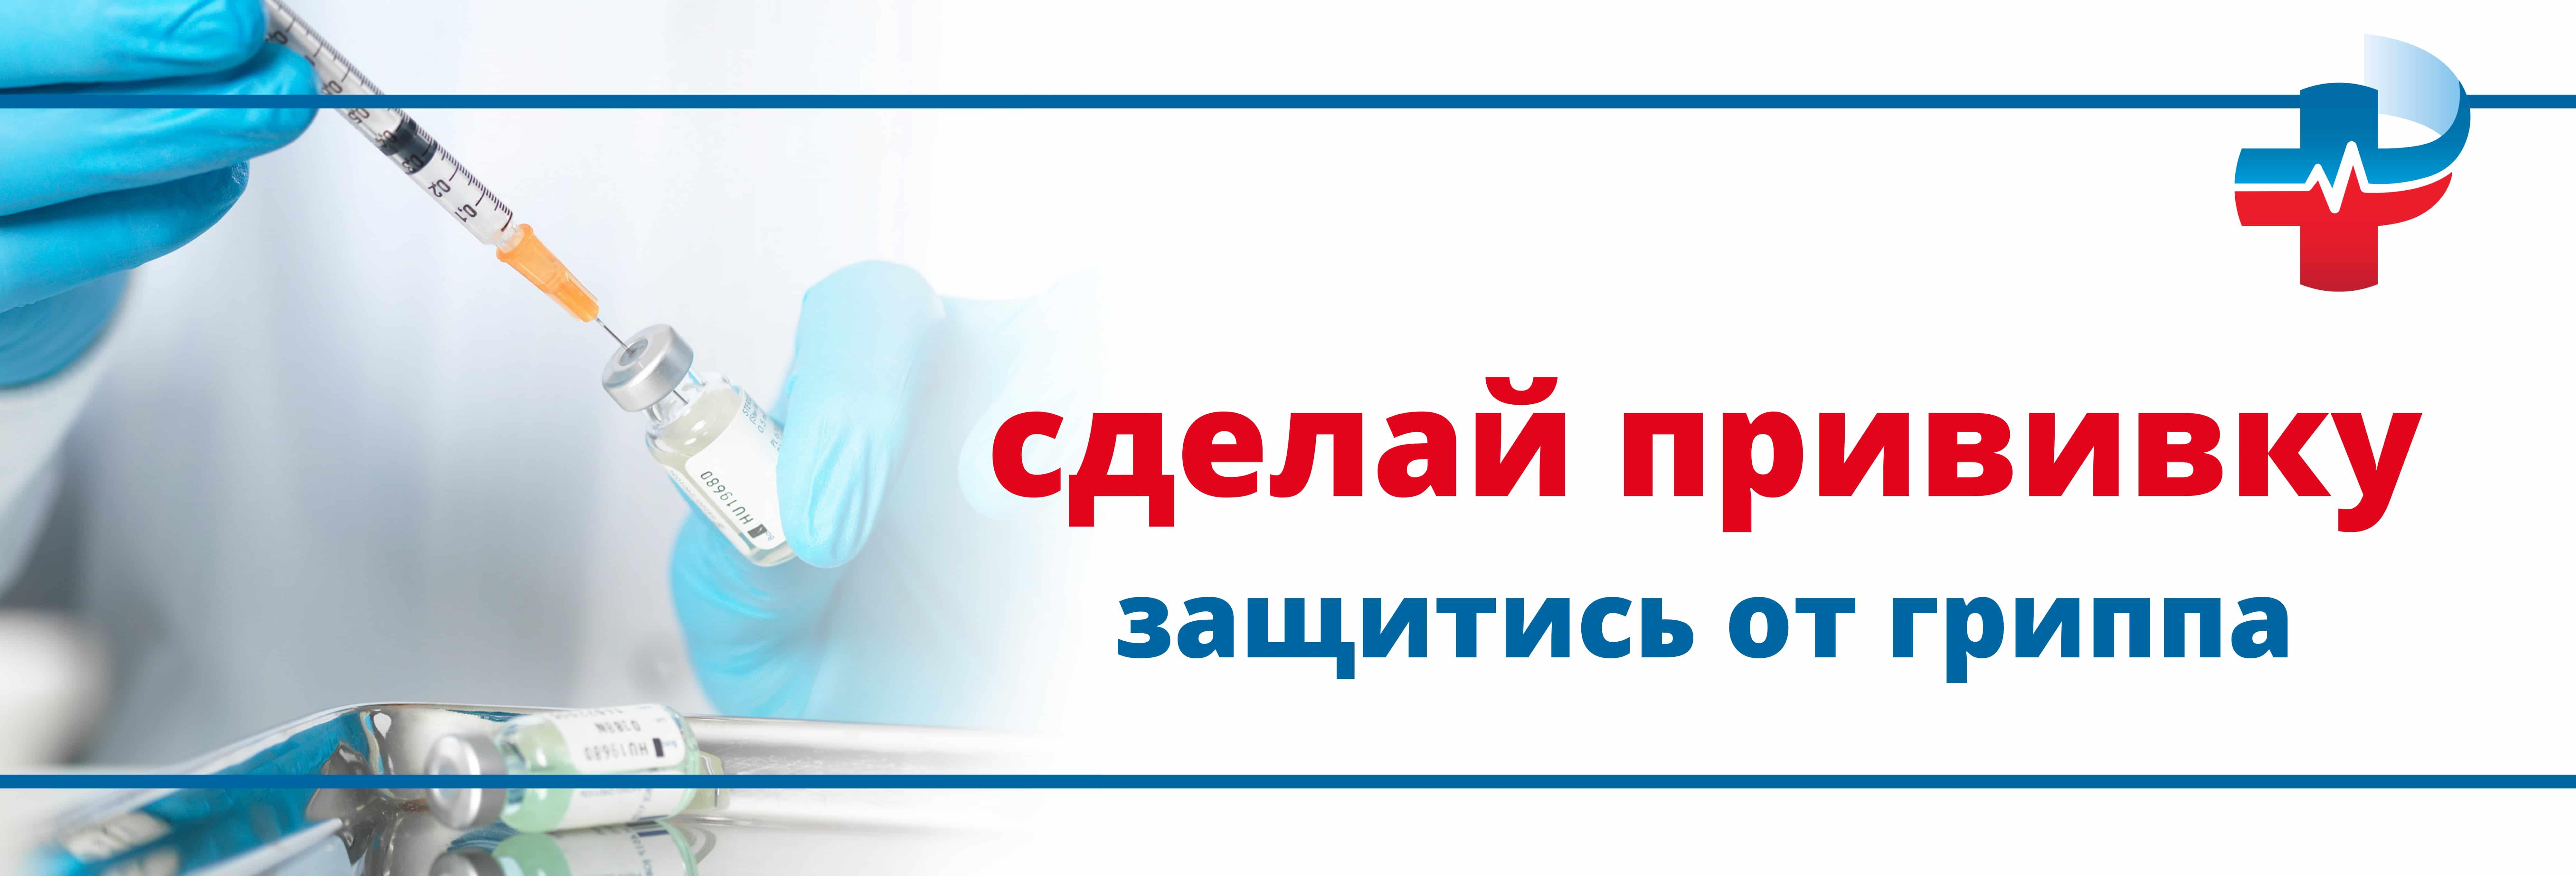 Вакцина на сайт